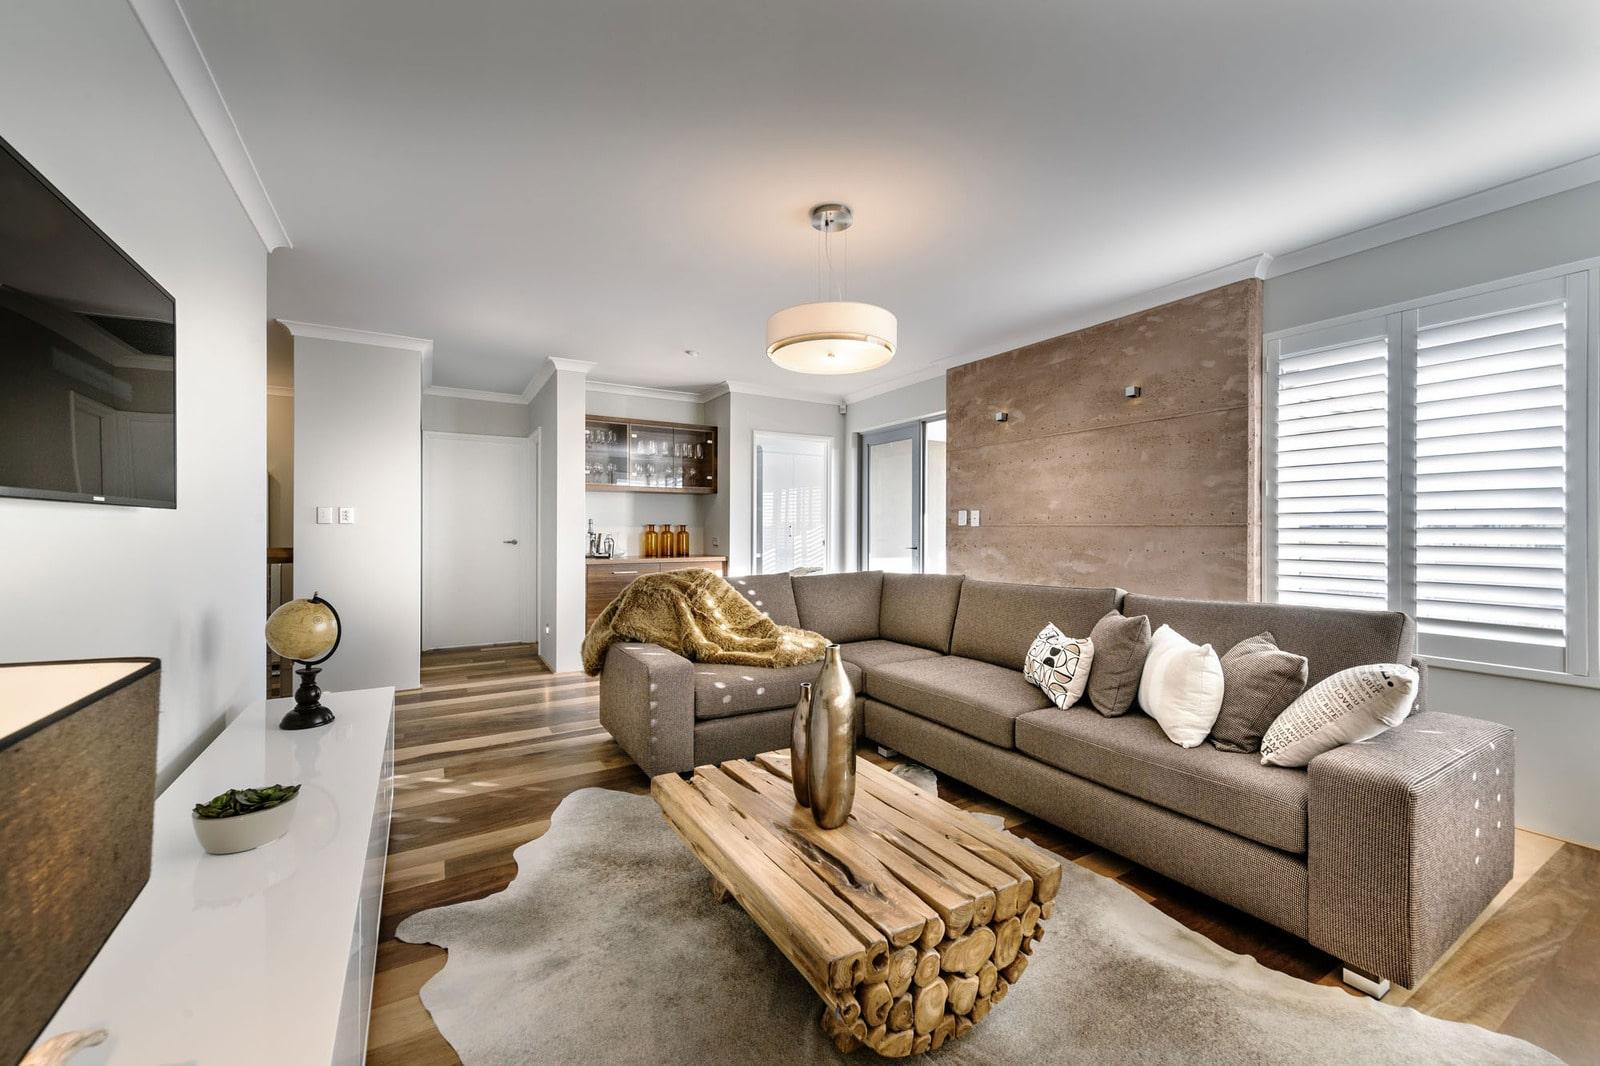 Diseño de casa moderna de dos pisos, fachada e interiores ... on Interiores De Casas Modernas  id=97447